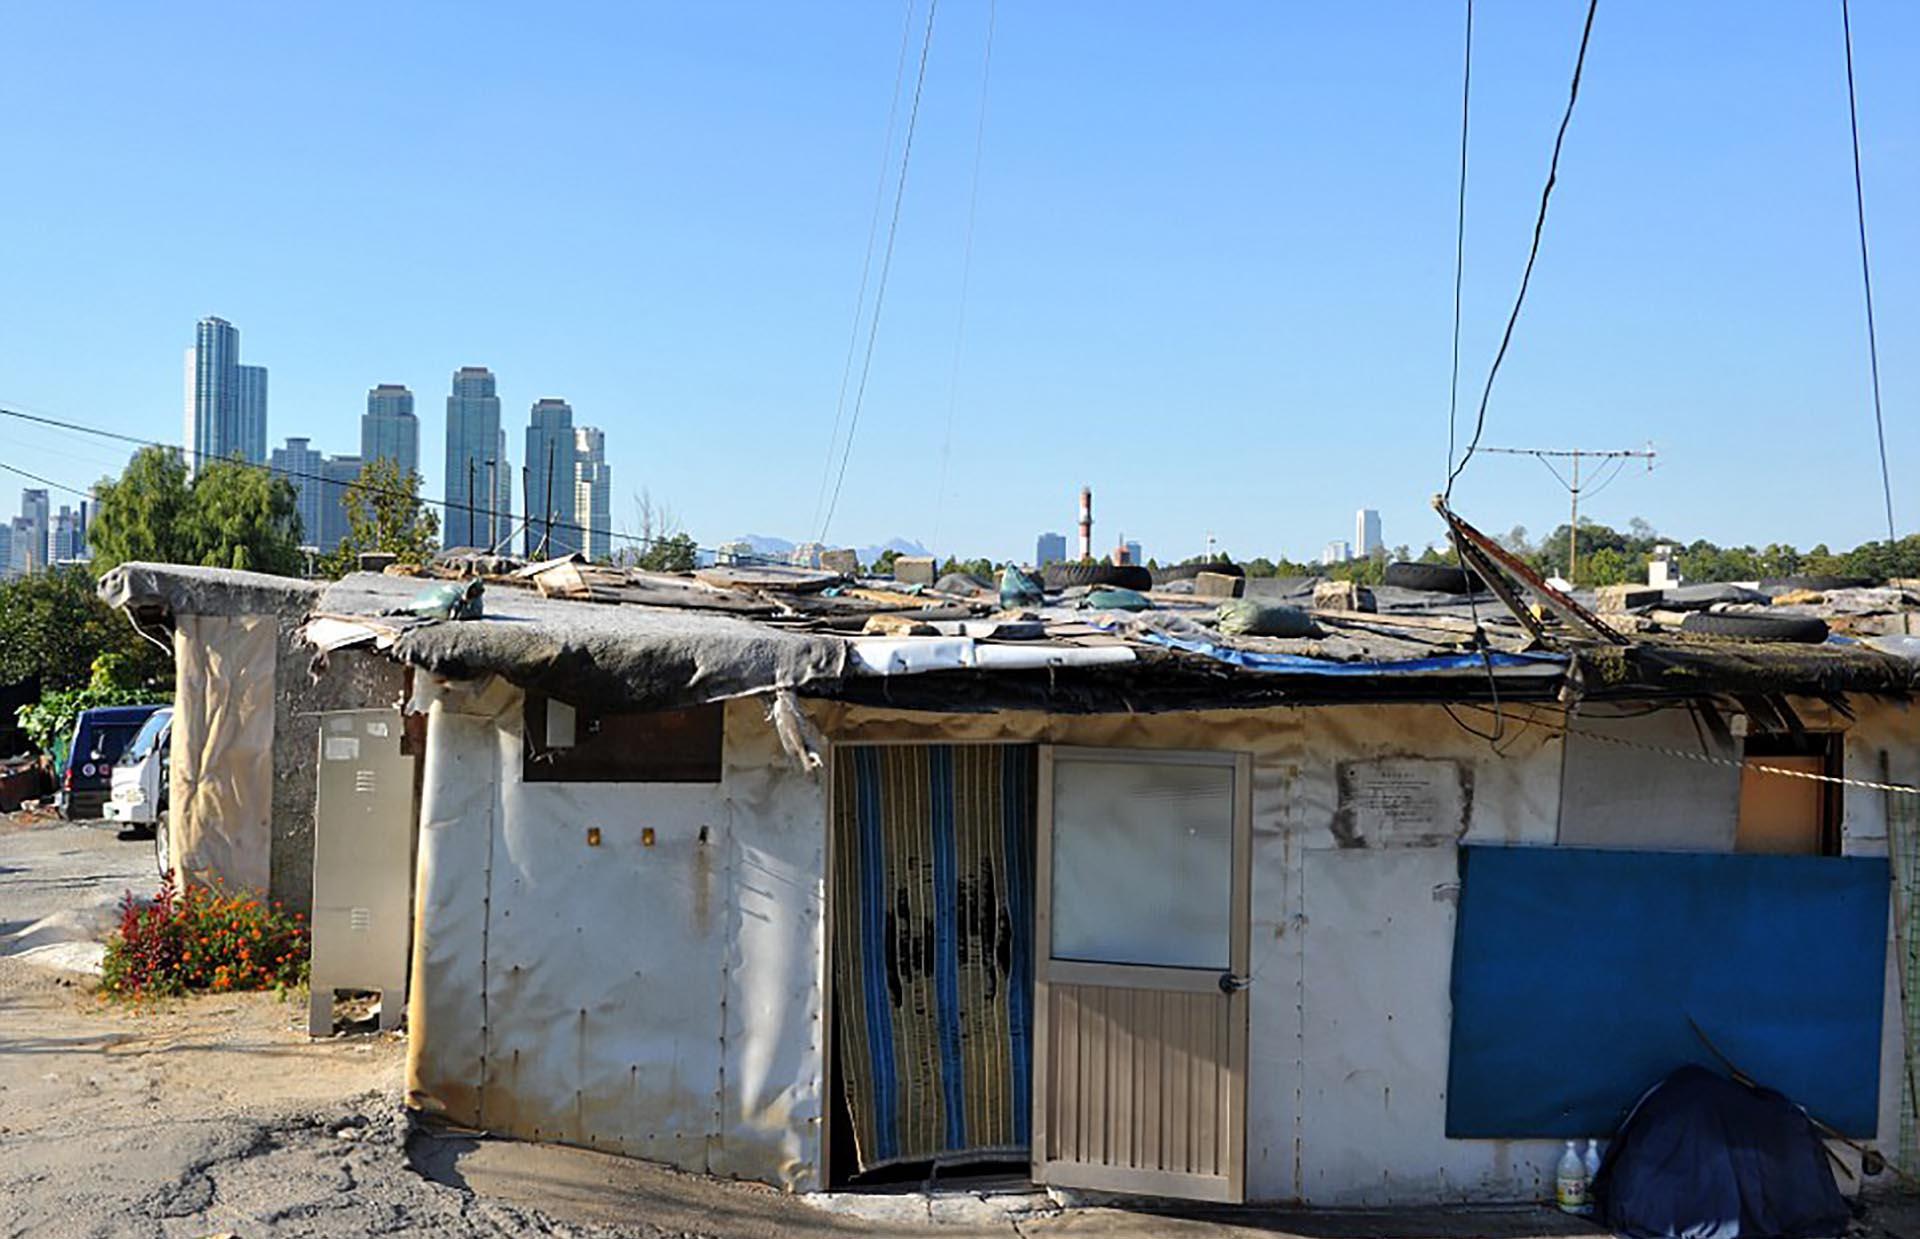 Las Imágenes Más Impactantes De La Desigualdad Y La Pobreza En El